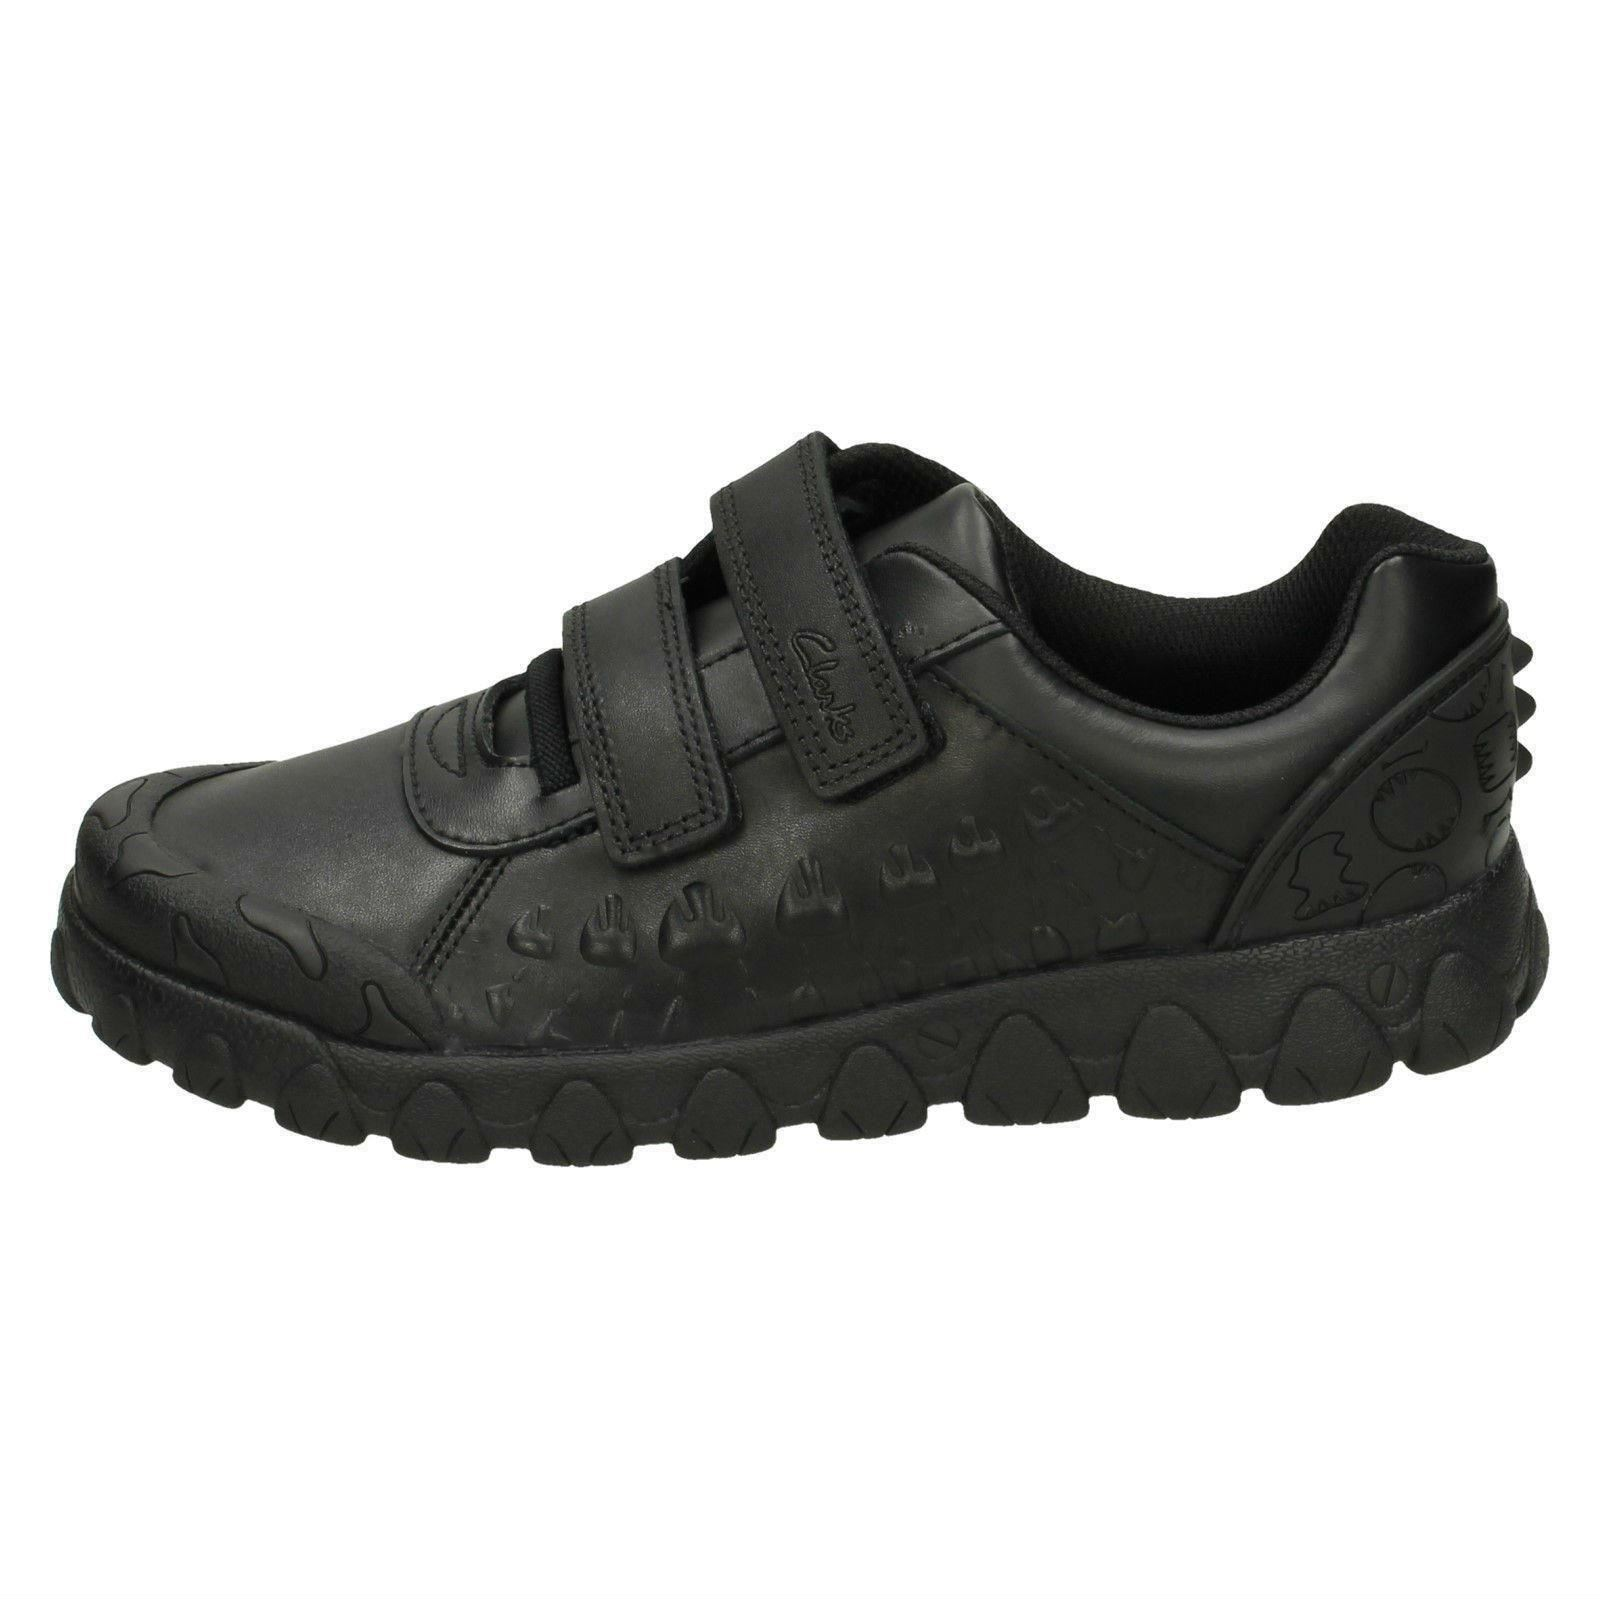 Chicos Clarks Zapatos Escolares el estilo-Tyrex Ride